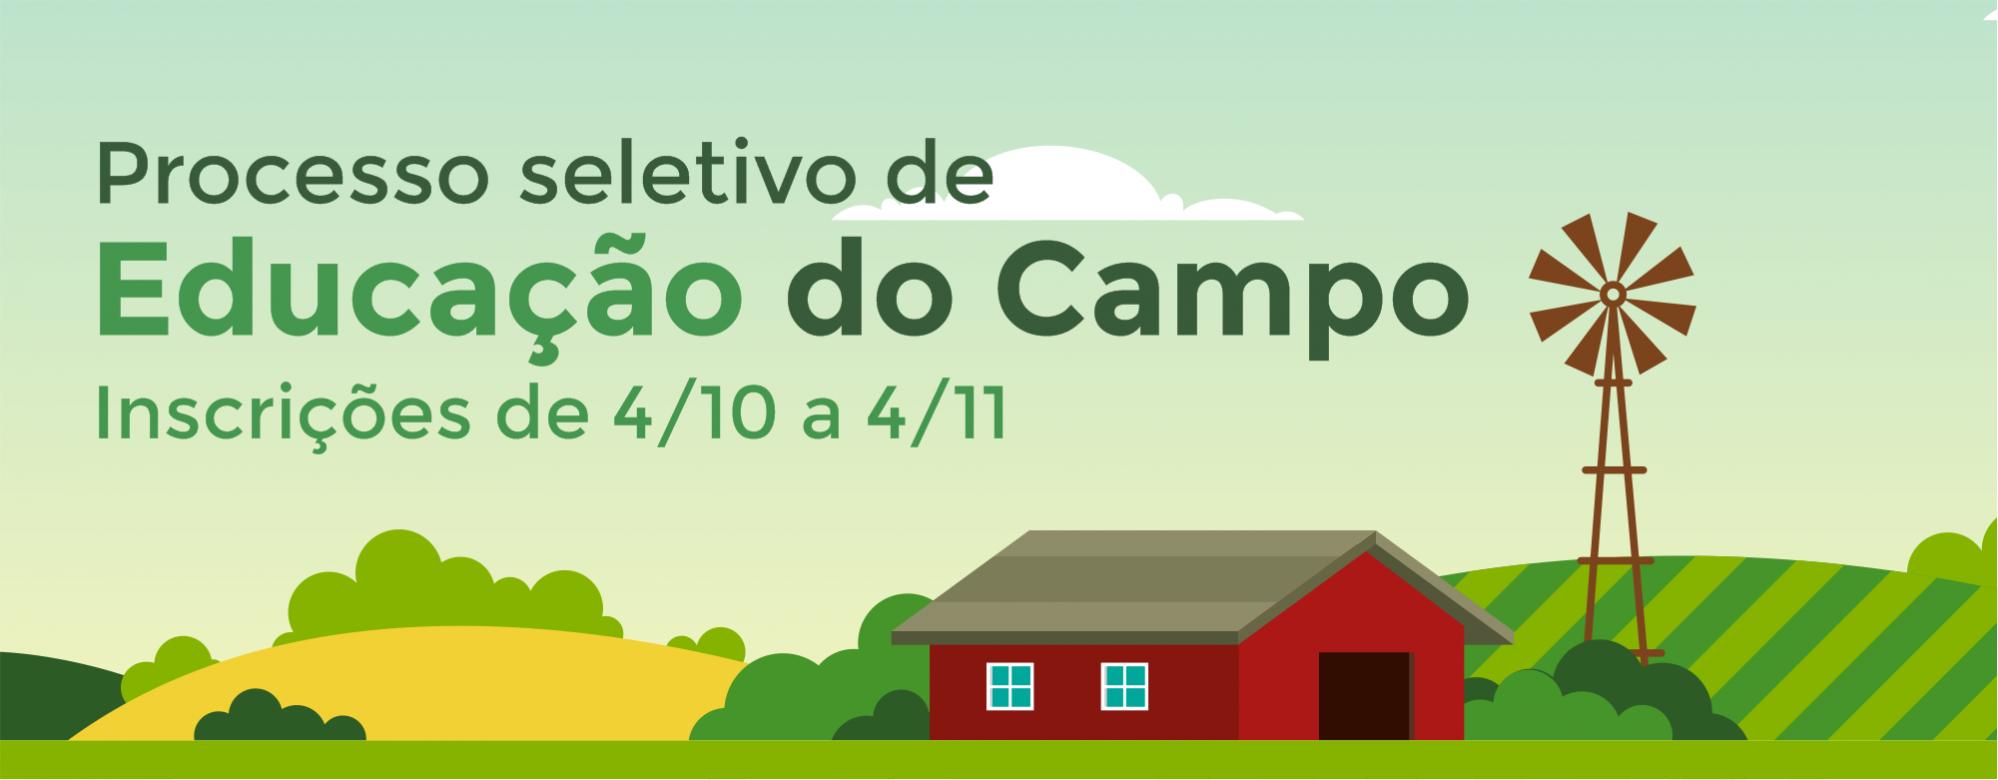 Processo Seletivo de Educação do Campo - inscrições de 4/10 a 4/11